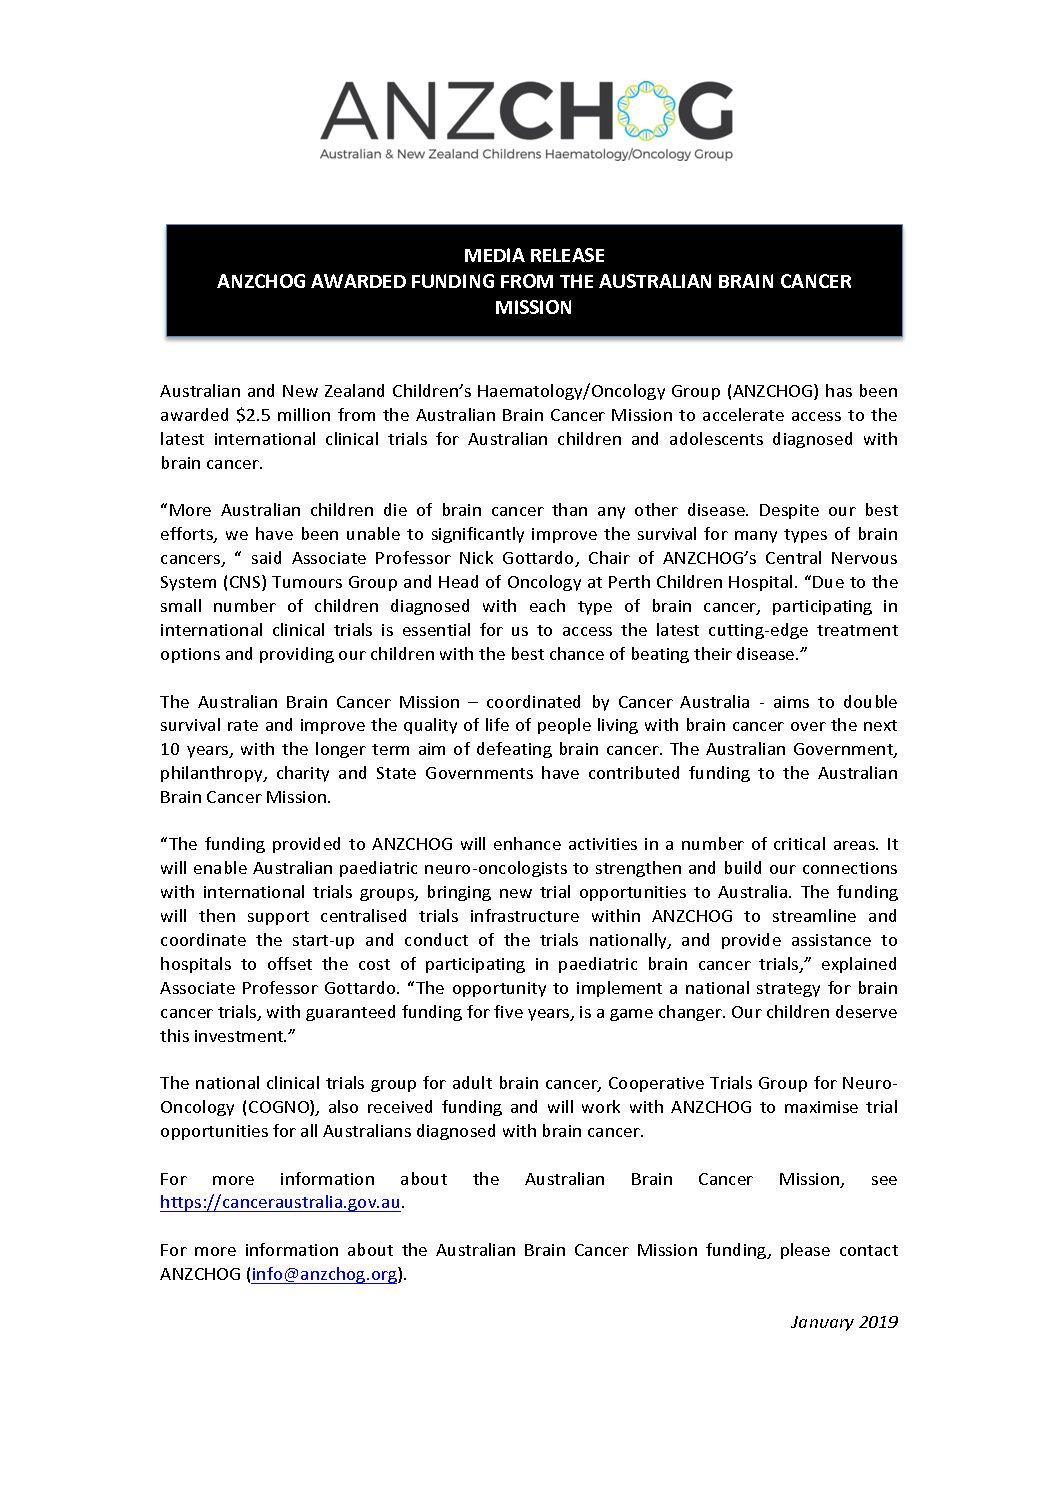 ANZCHOG ABCM media release Jan 2019